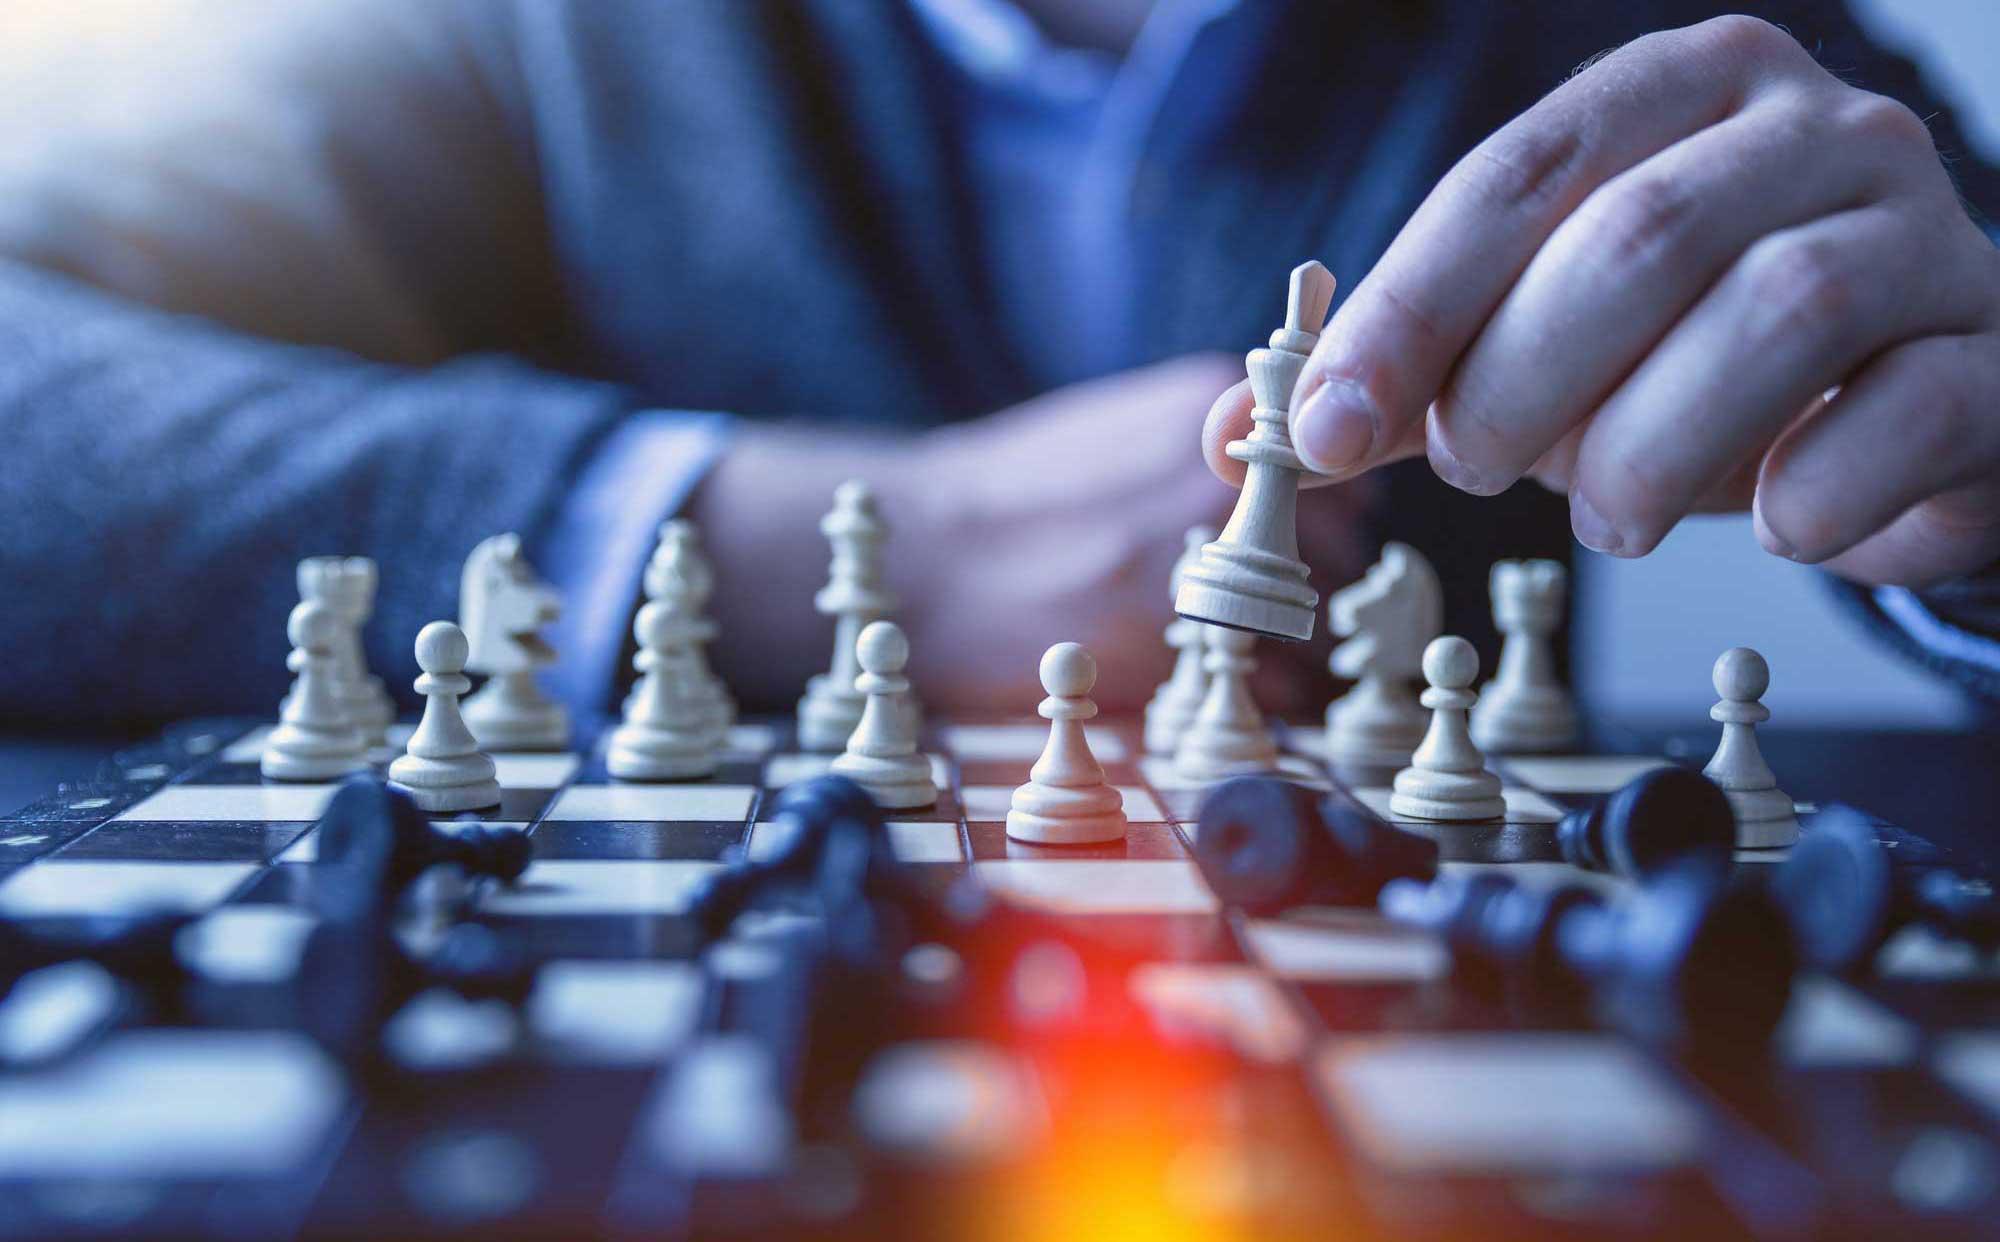 Strategy matters